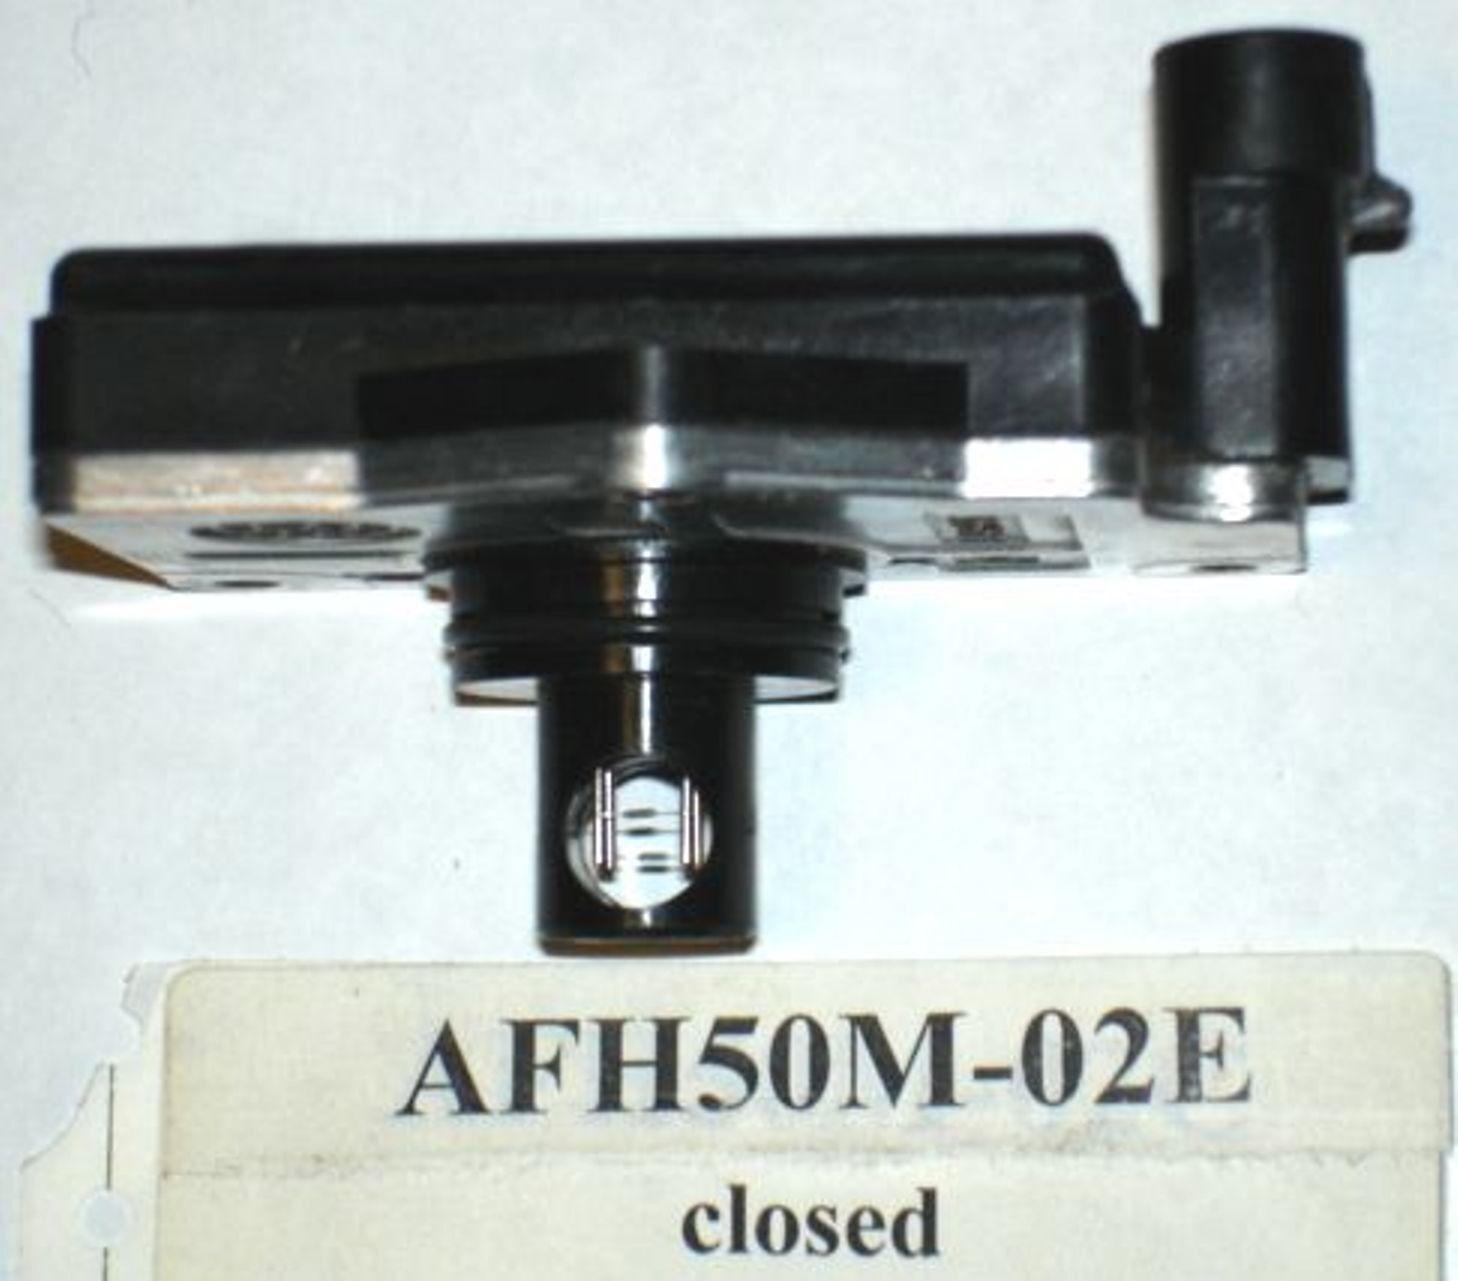 91-96 PONTIAC BUICK OEM MASS AIR FLOW METER SENSOR AFH50M-02E COVERED SENSOR